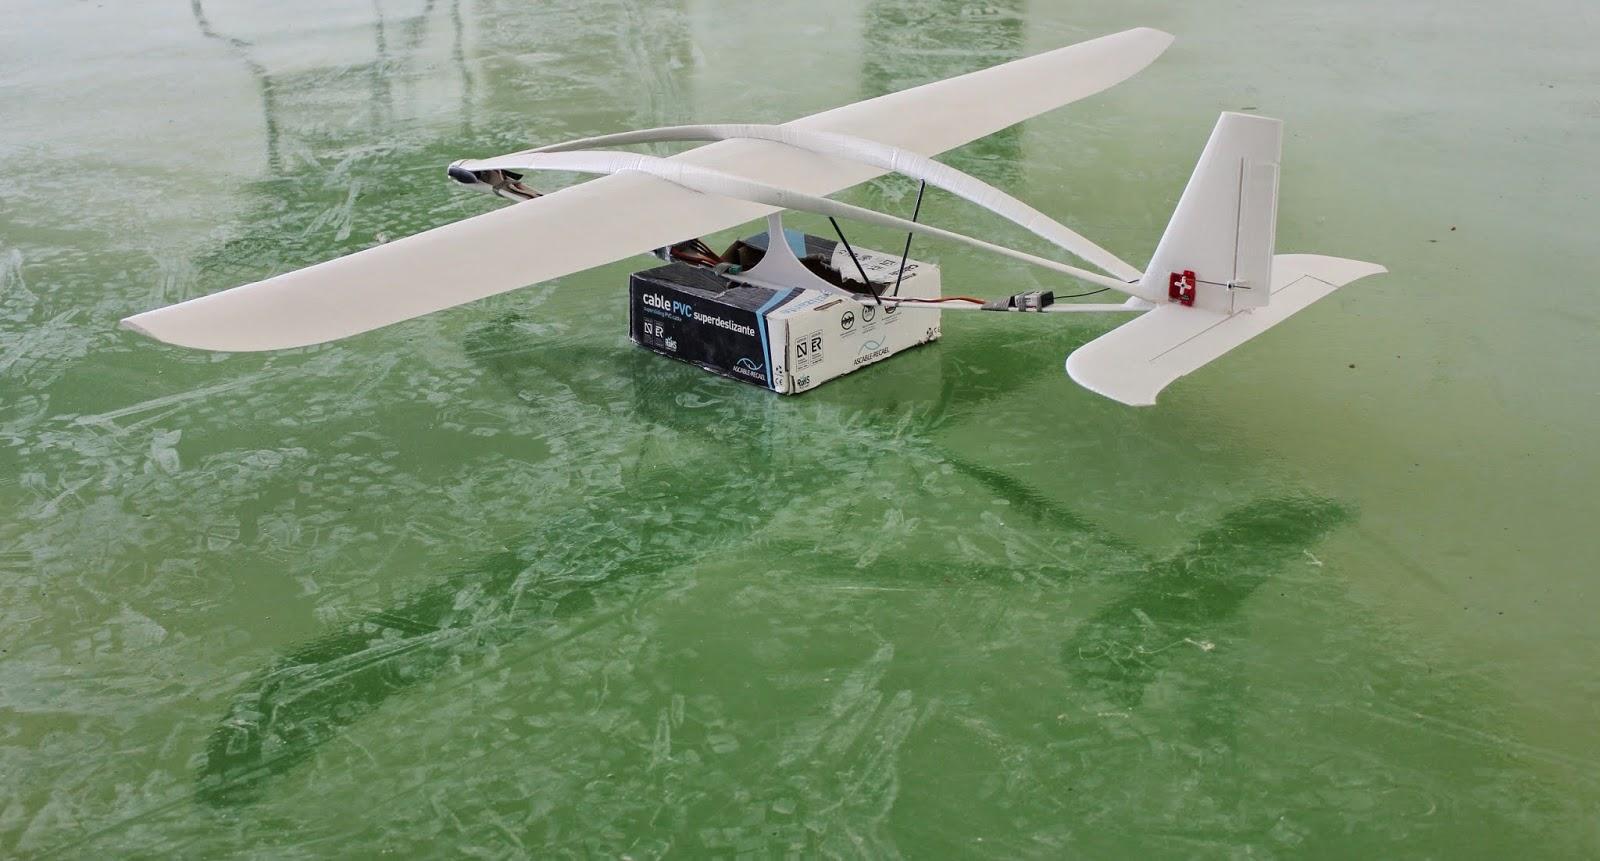 Commander avis kyosho drone racer et avis infrared drone